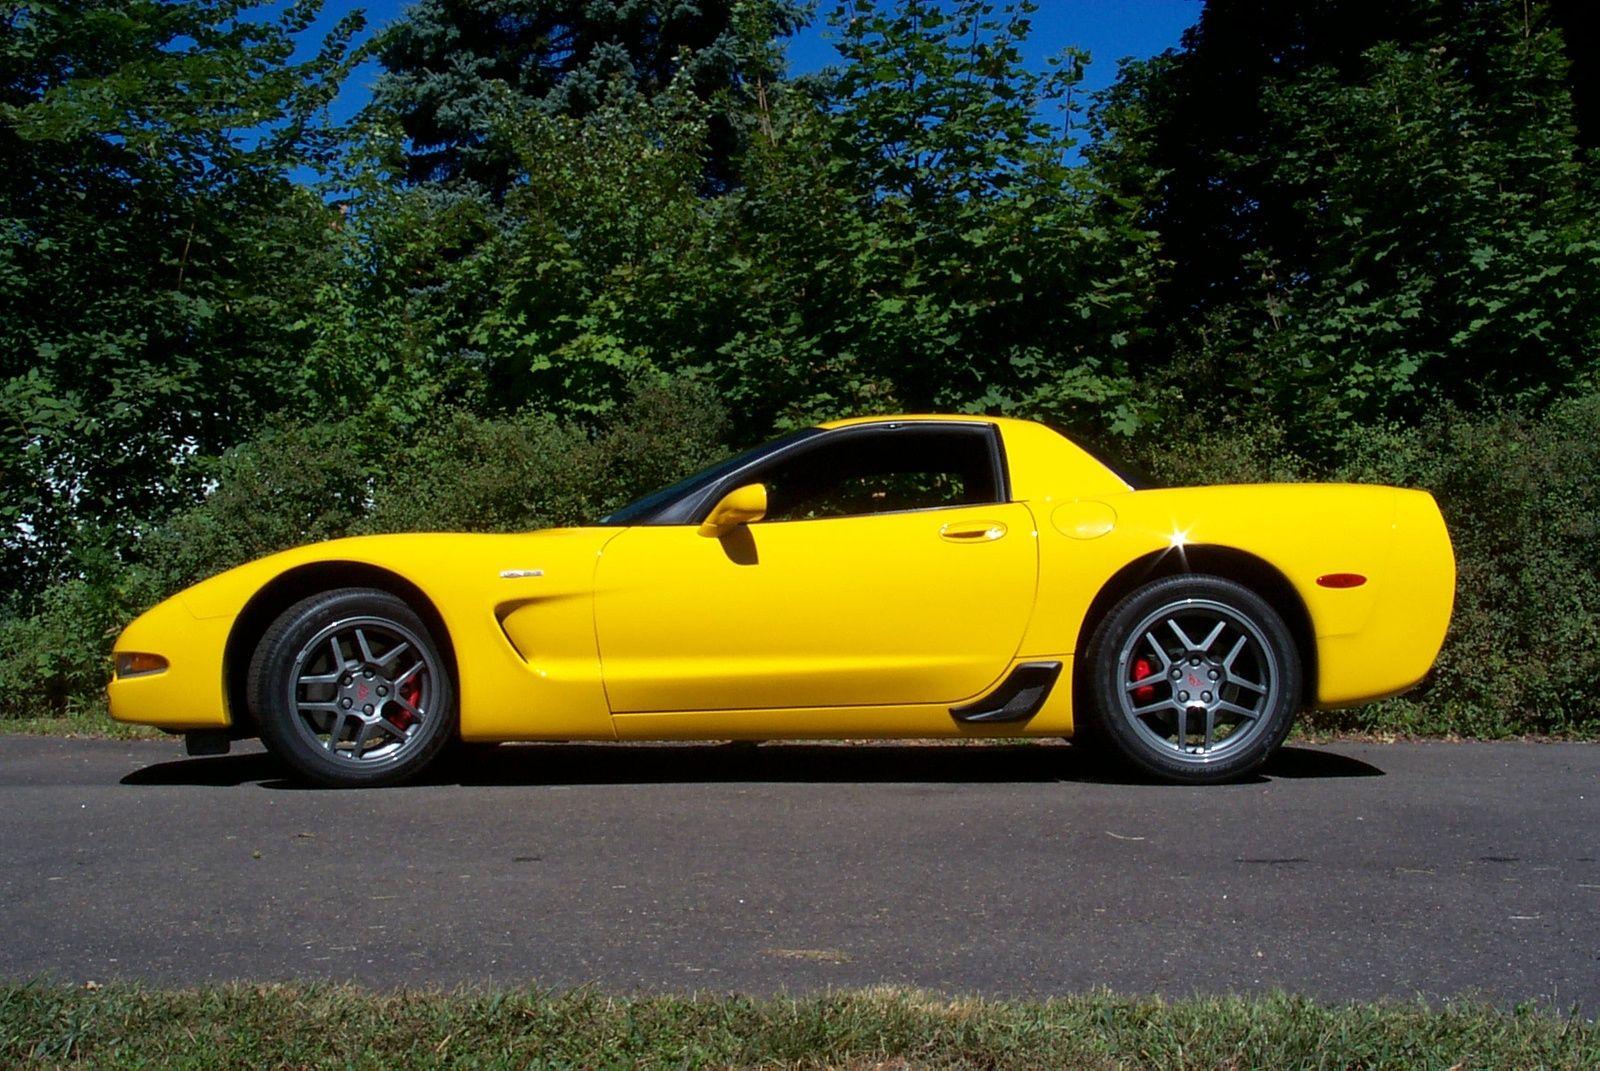 Corvette chevy corvette 2003 : 2002 Chevrolet Corvette Z06 | Cars | Pinterest | Corvette ...